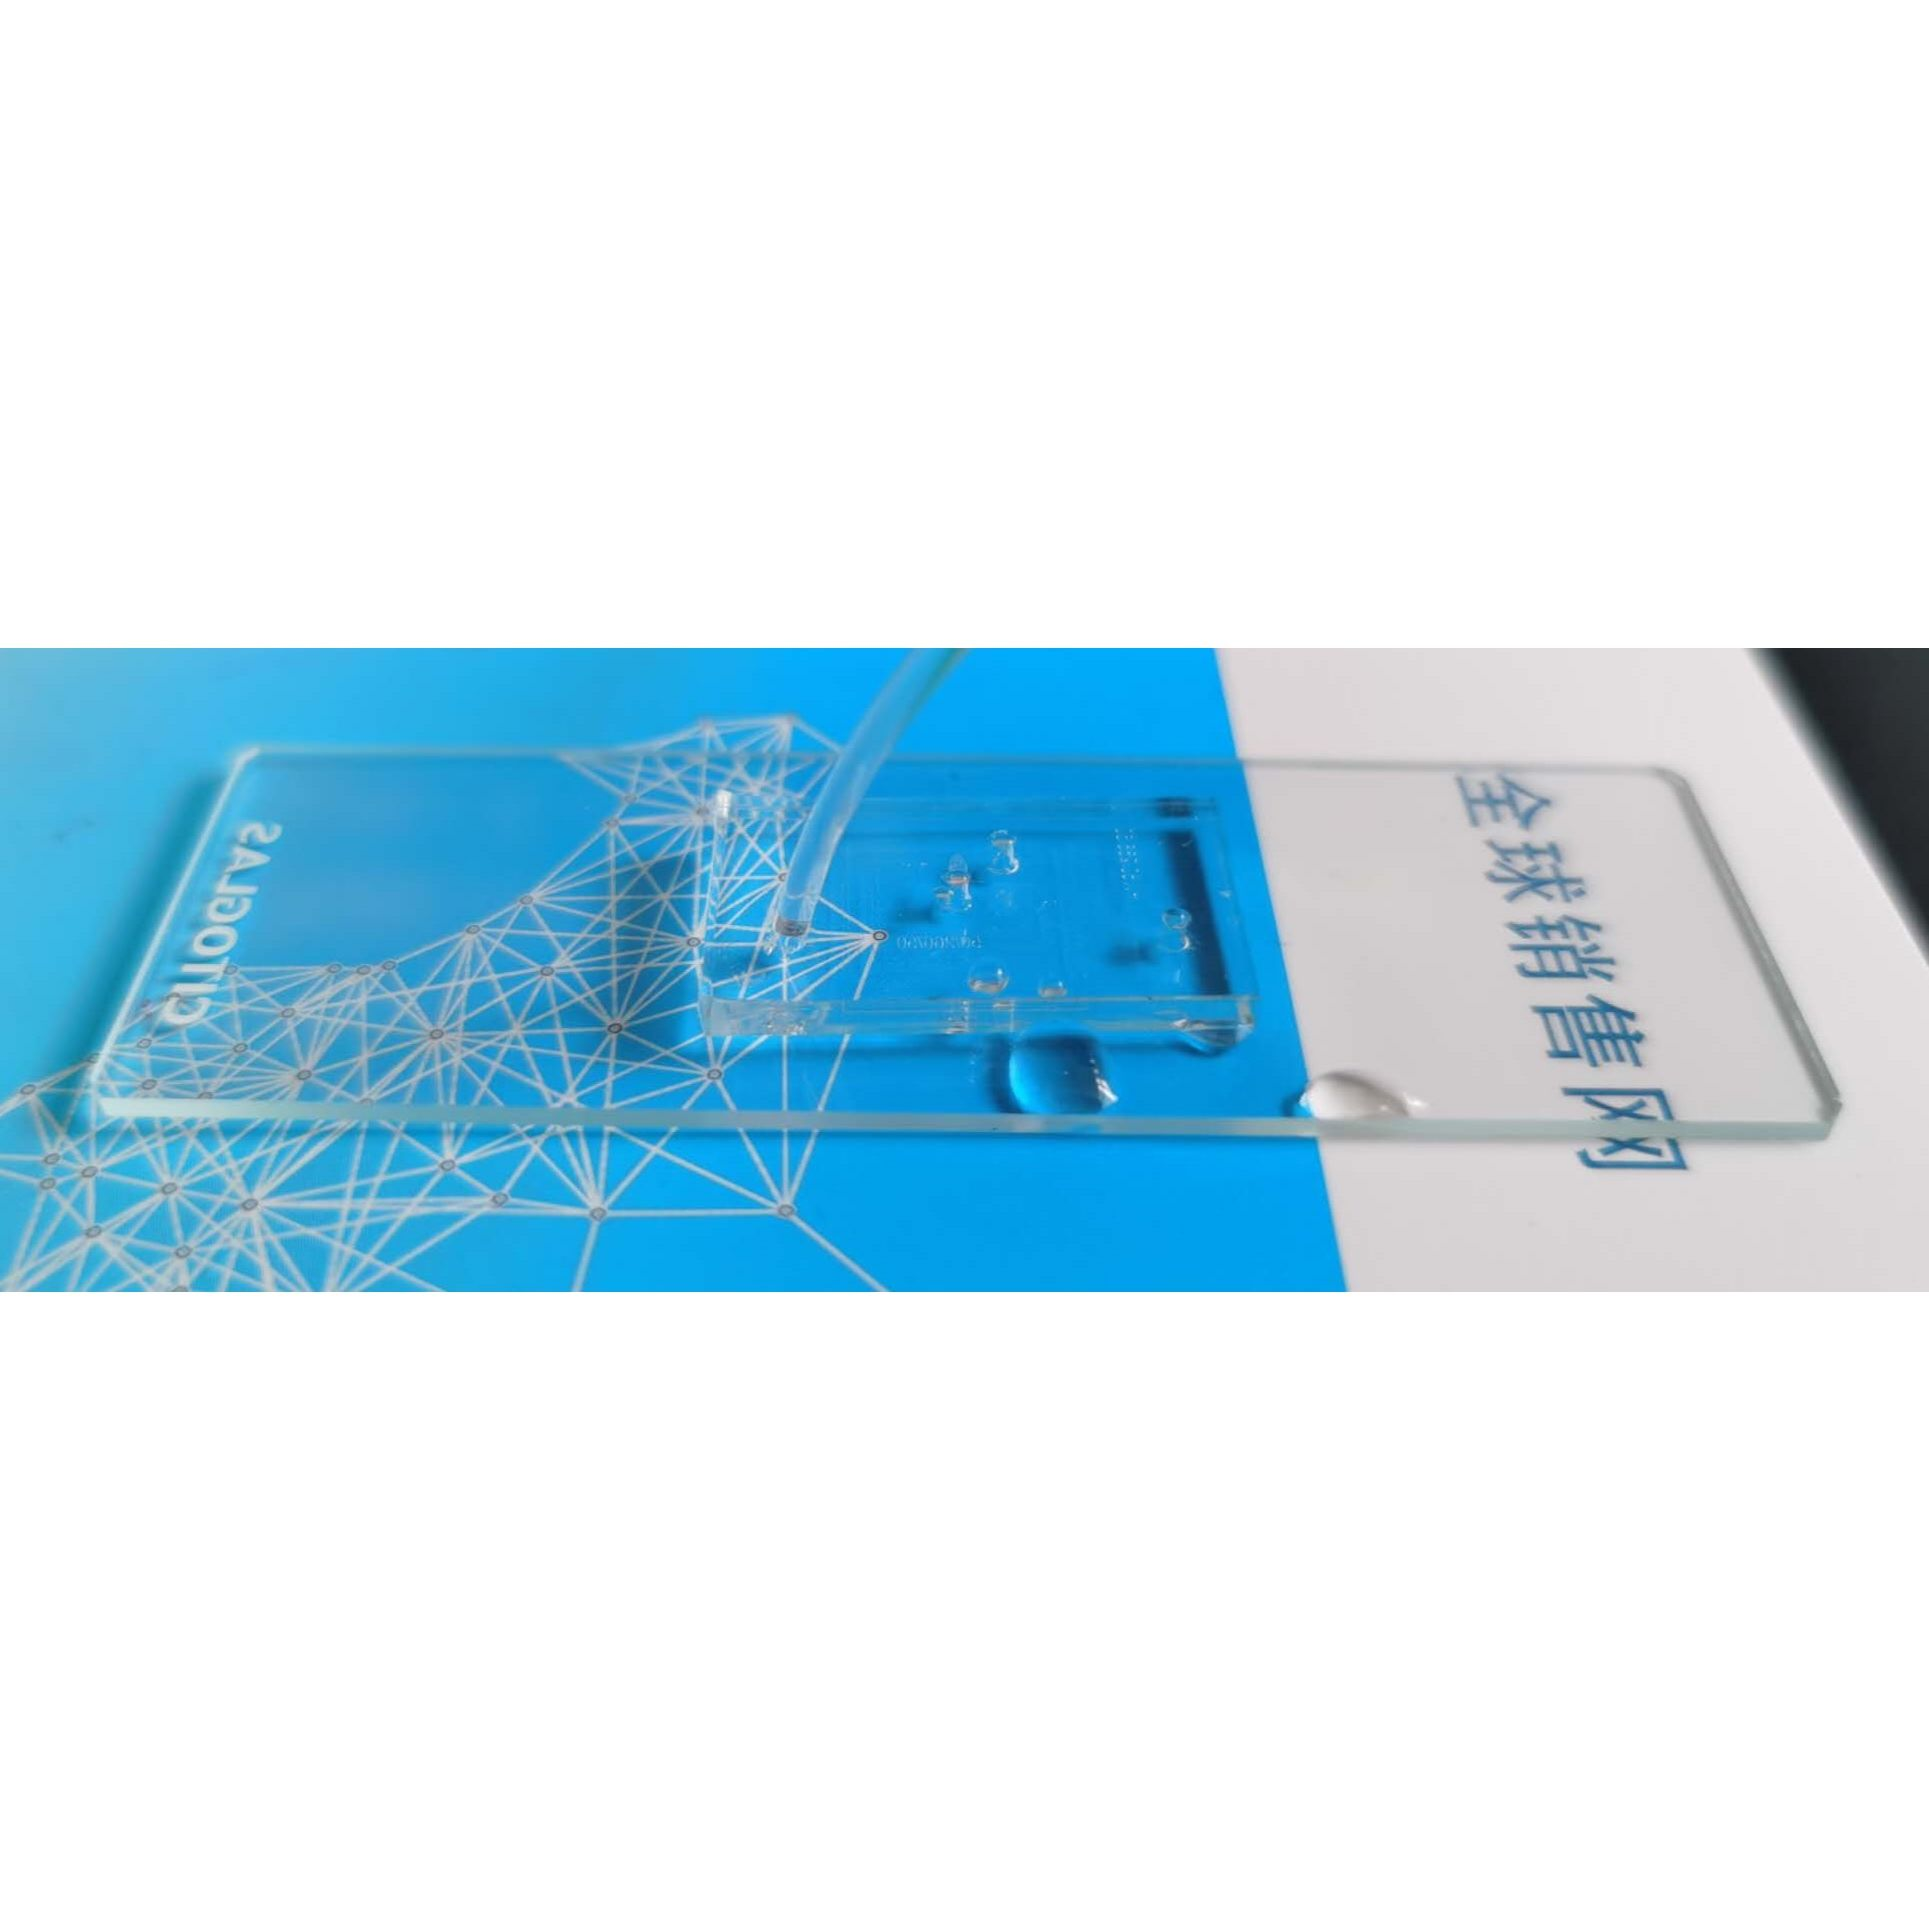 PDMS微流控芯片定制单细胞分选分离单细胞液滴包裹_流式细胞仪_基因测序_菌种筛选_单细胞孵育_单细胞筛选_定向进化_单亲克隆